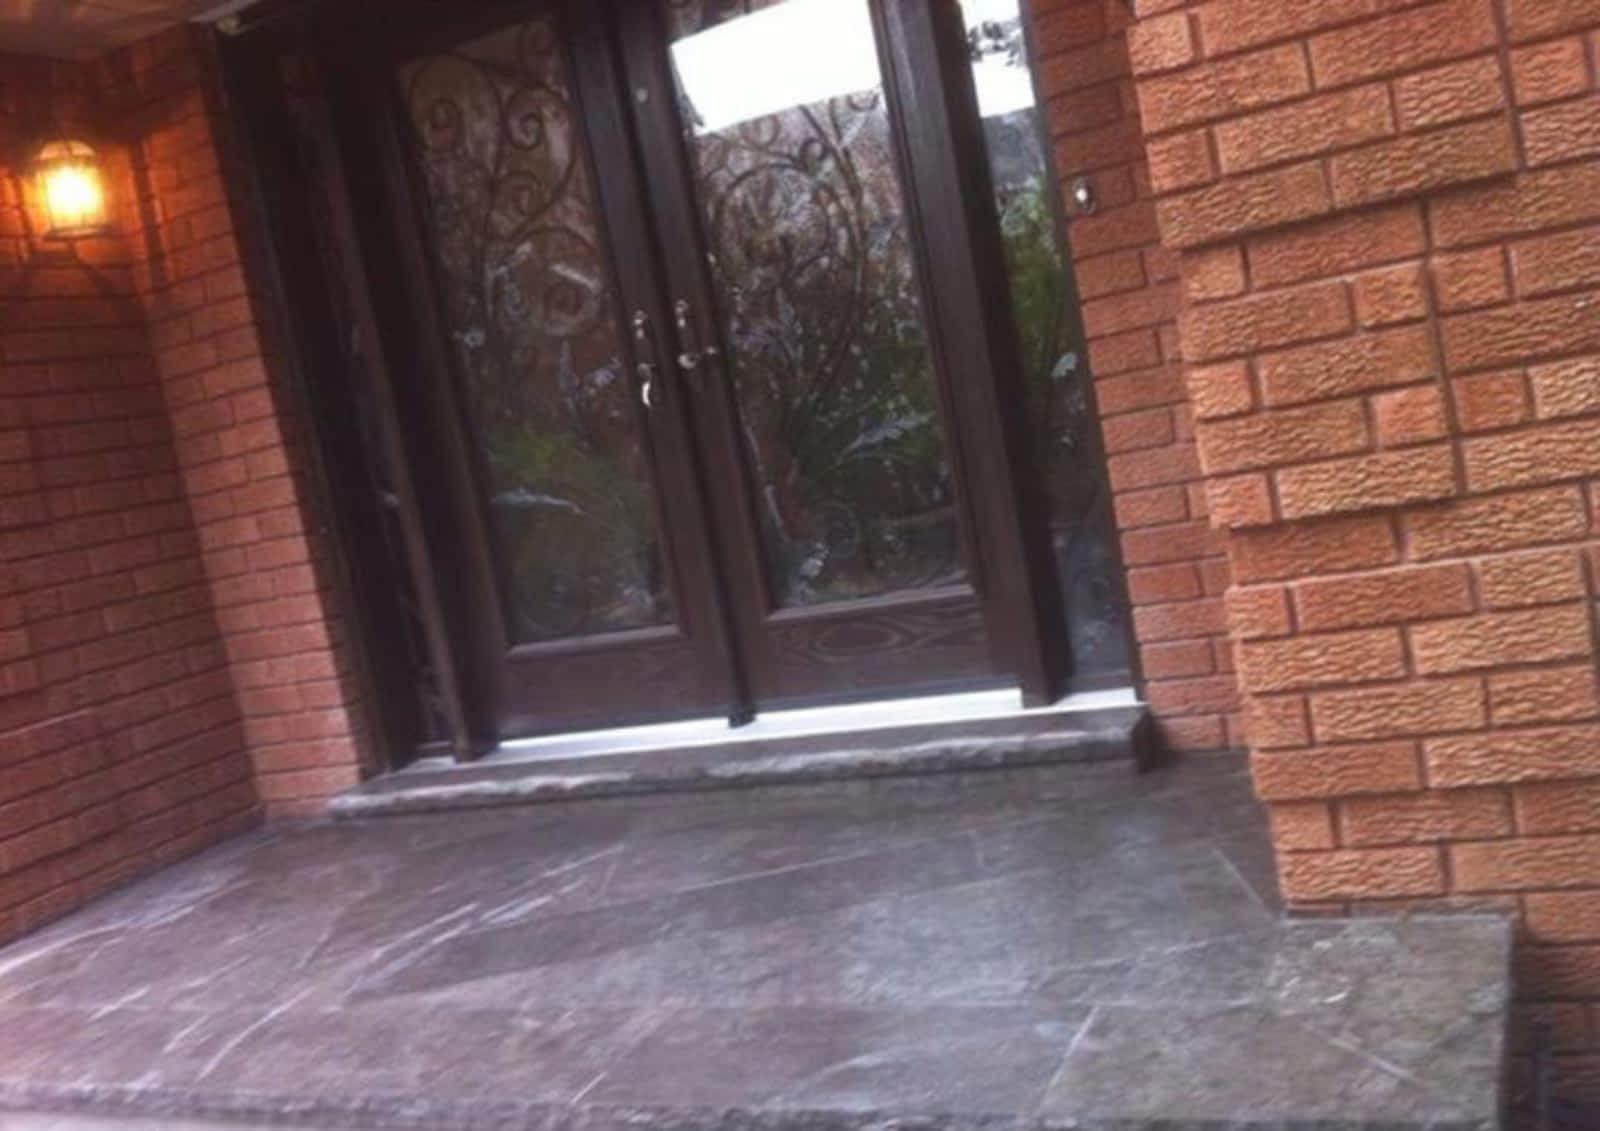 15 Stylish Hardwood Flooring Dundas Ontario 2021 free download hardwood flooring dundas ontario of gm flooring and beyond opening hours 1862 dundas st e with gm flooring and beyond opening hours 1862 dundas st e mississauga on